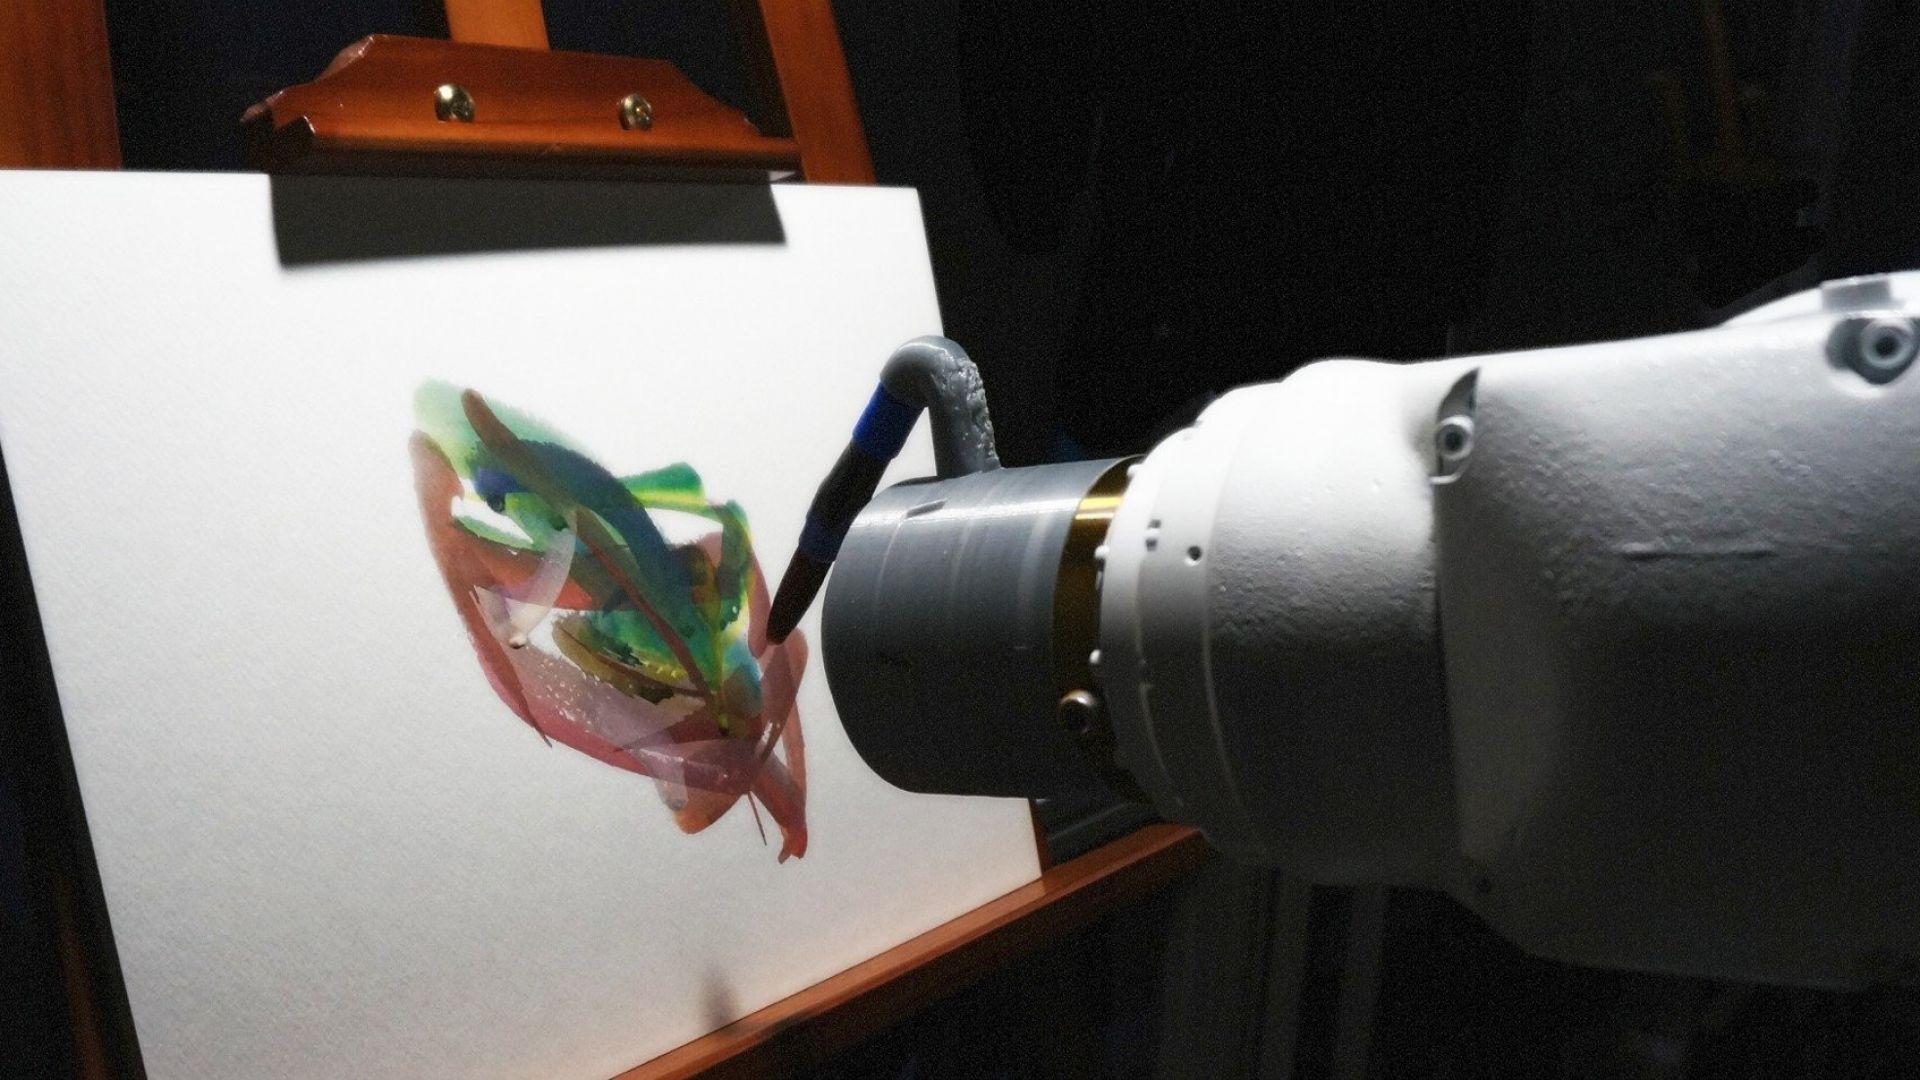 Робот художник се държи като истински човек по време на рисуване